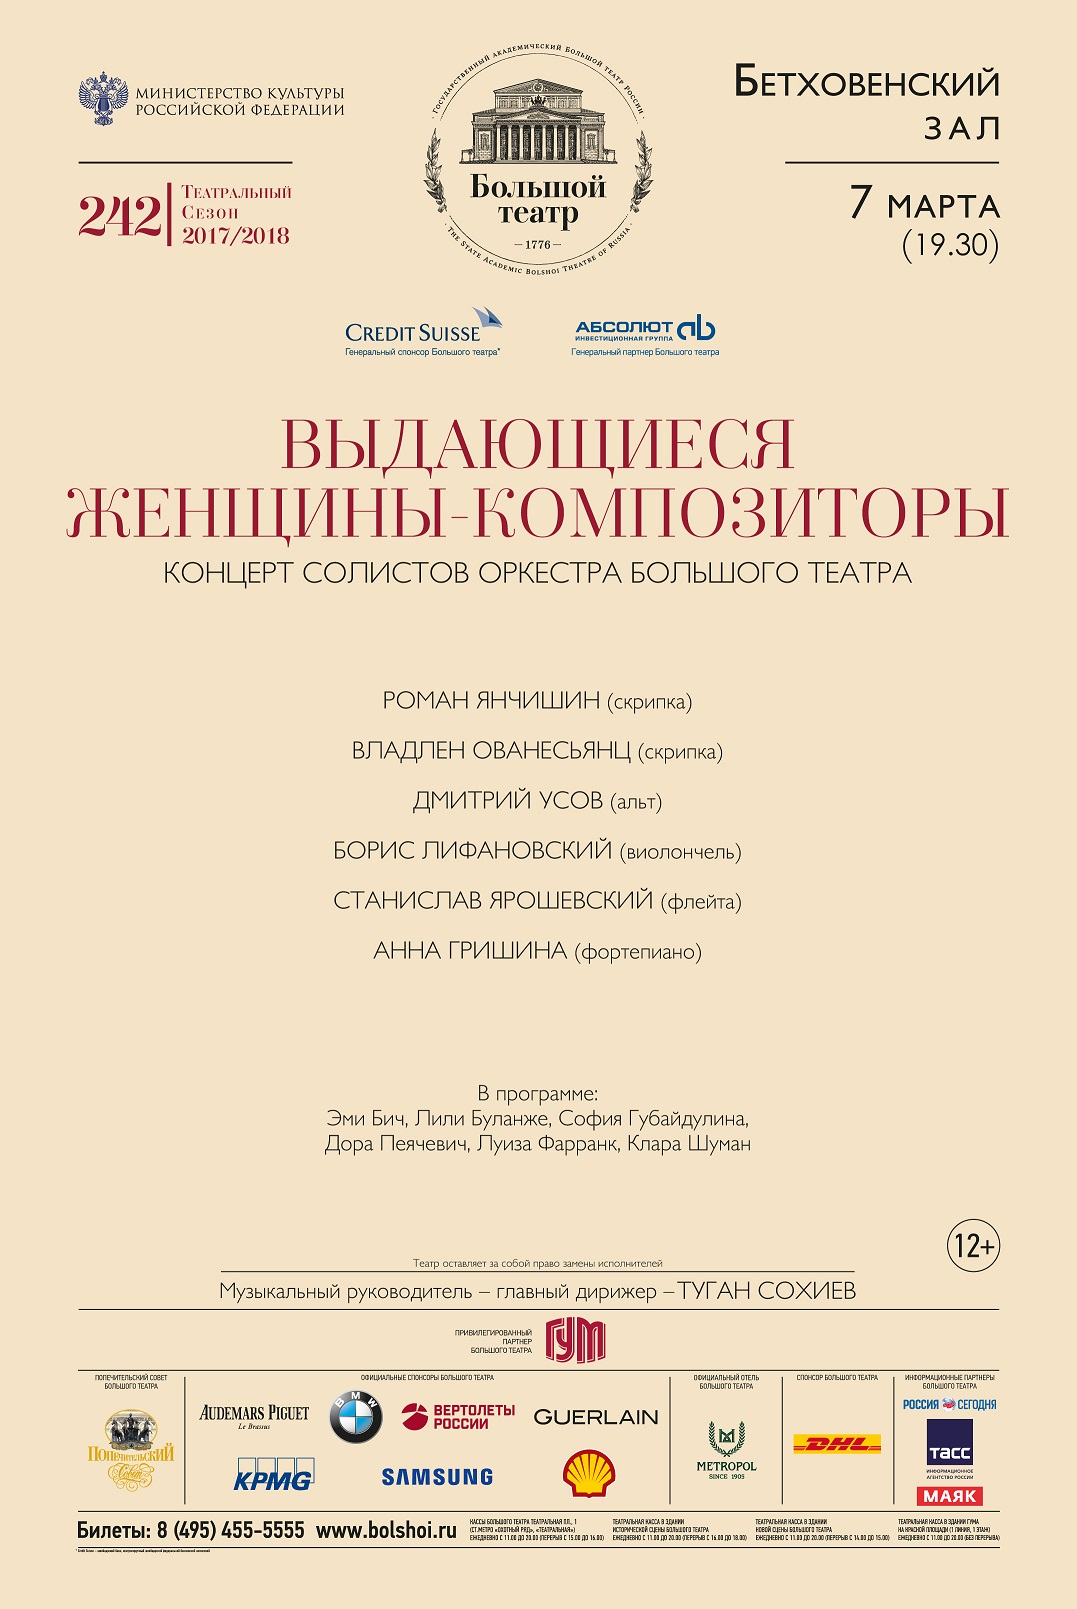 """7/03/2018, Бетховенский зал. """"Выдающиеся женщины-композиторы"""""""